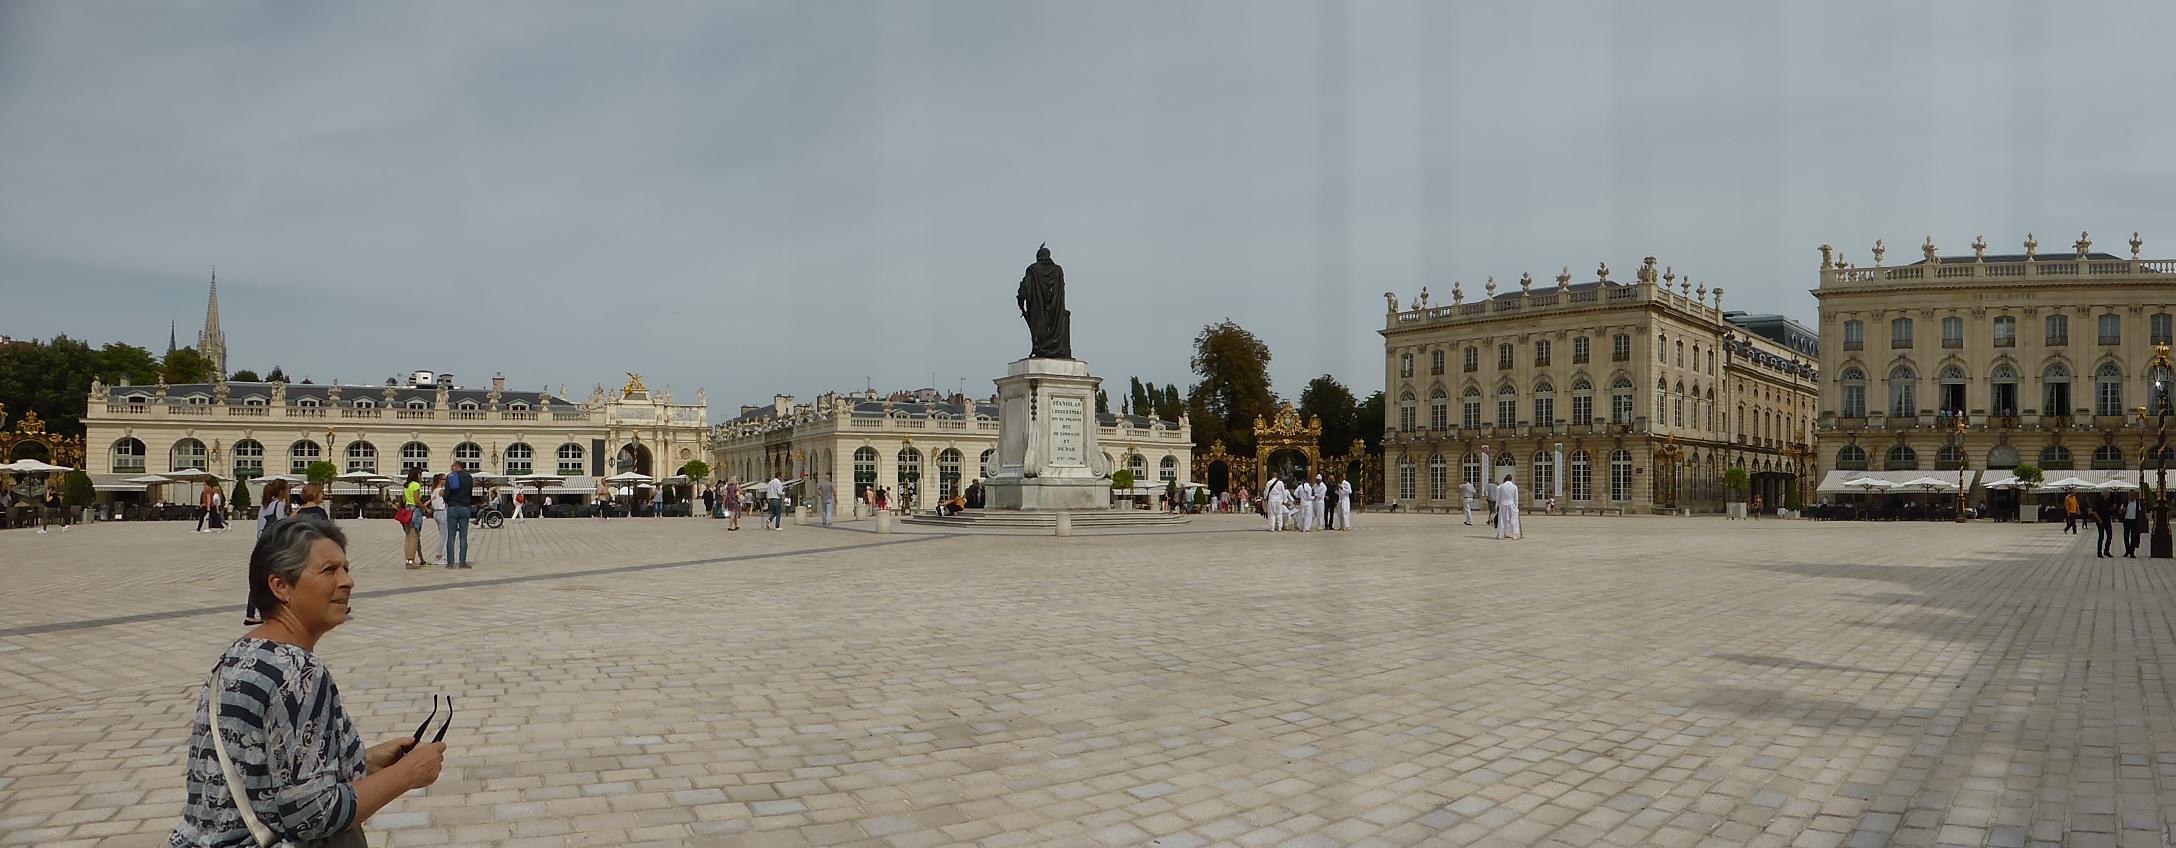 The Stanislas Square in Nancy.